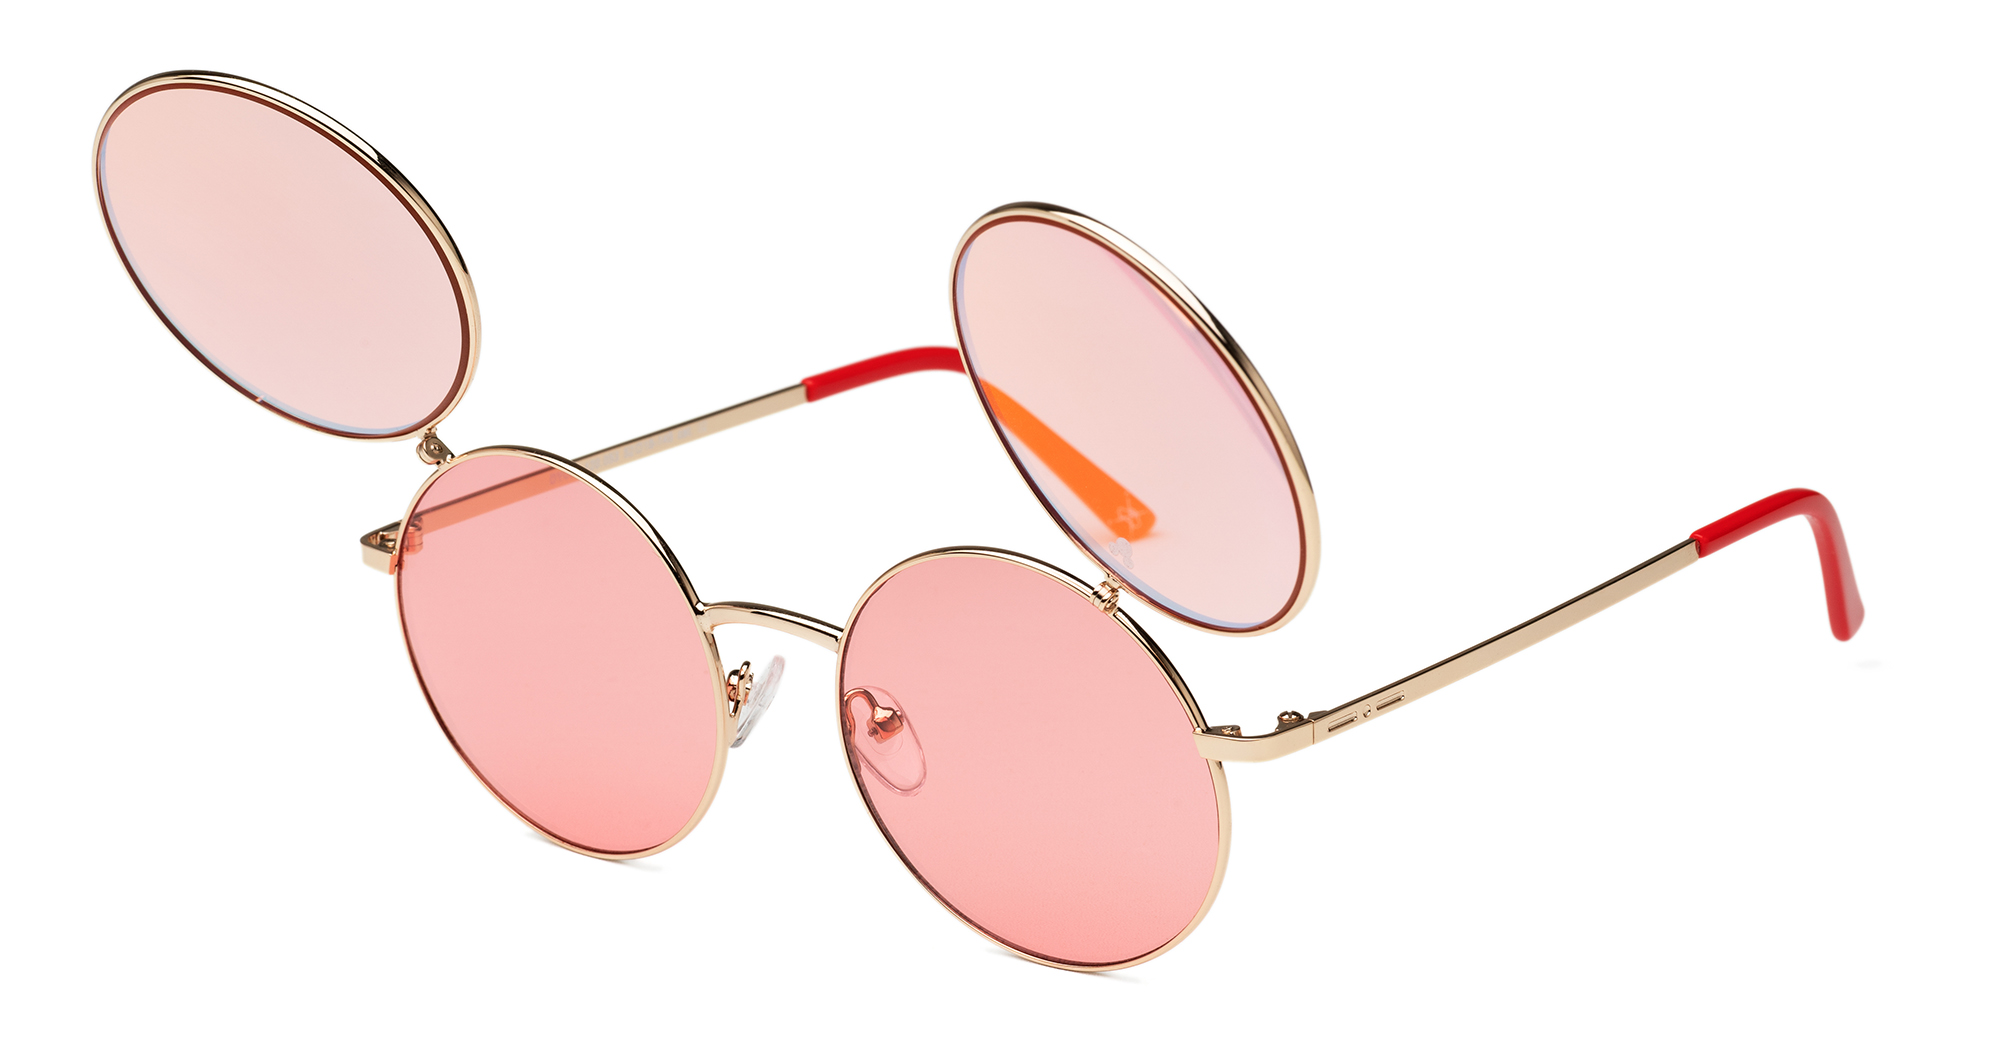 fb3f3d841e La característica particular de este modelo es el flip up: superposición de  dos pares de lentes que, cuando se abren, recuerdan las orejas del Ratón  Mickey.